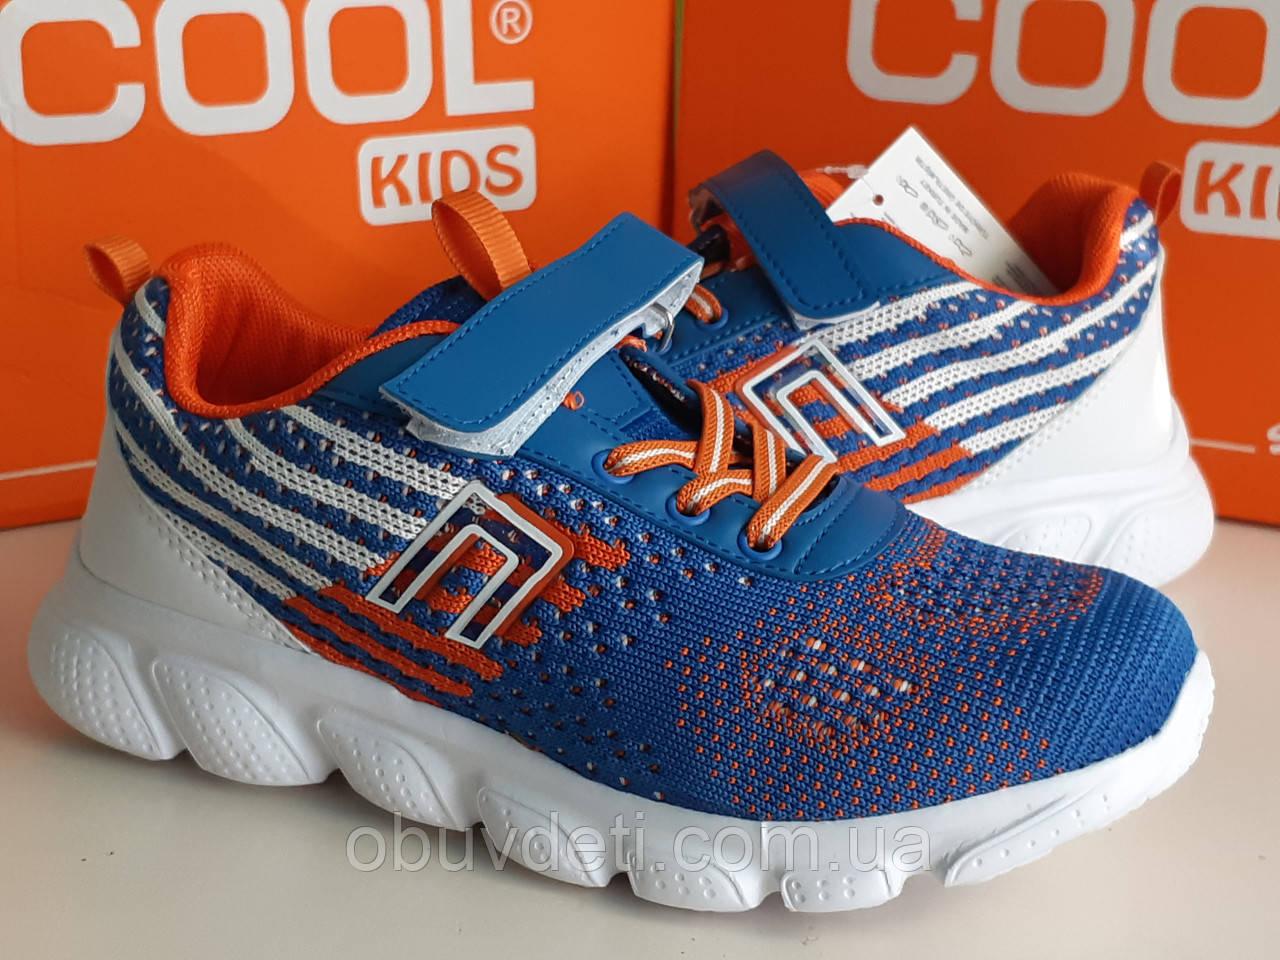 Якісні кросівки american club для хлопчиків 35 р-р - 23.0 см